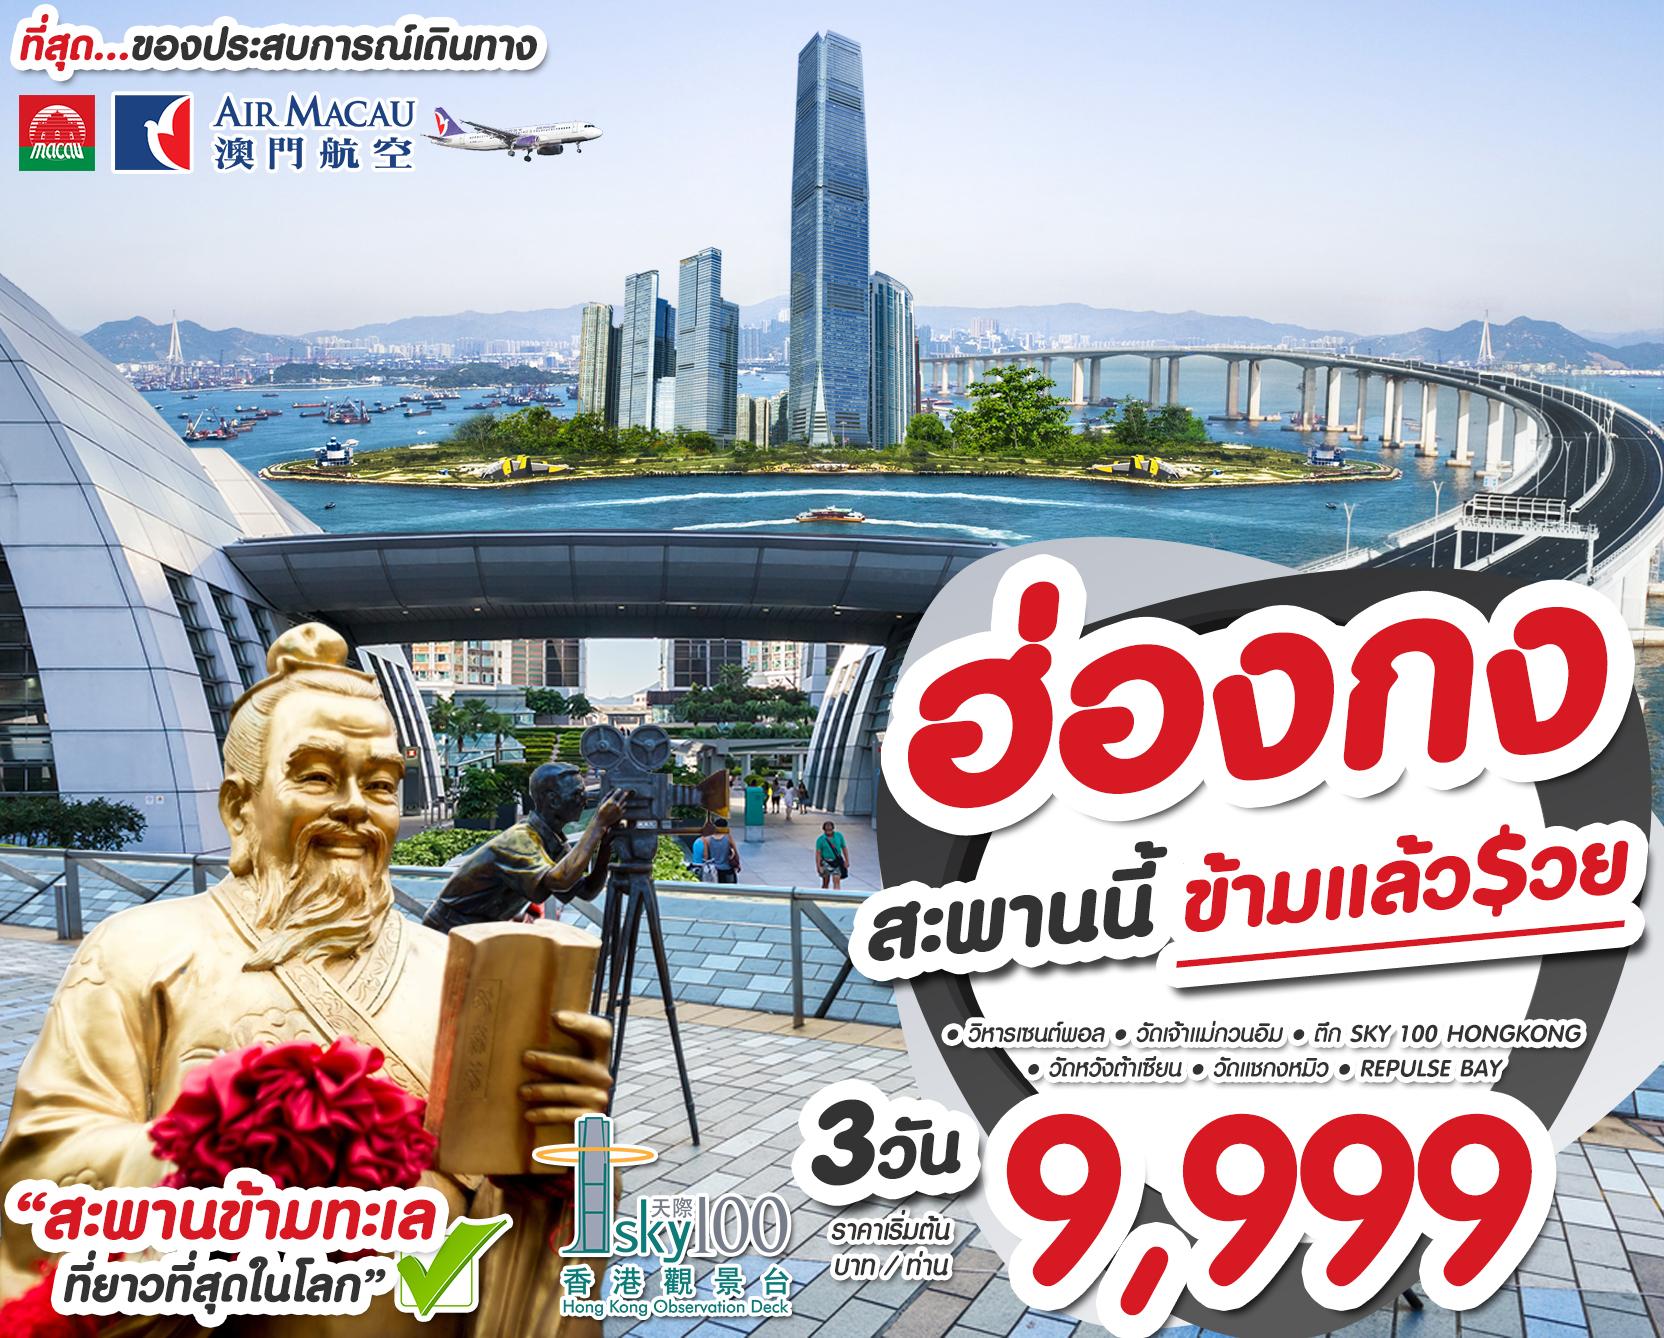 HK-OG173-ทัวร์ฮ่องกง-มาเก๊า-สะพานนี้ข้ามแล้วรวย-3วัน-2คืน(MAR19)